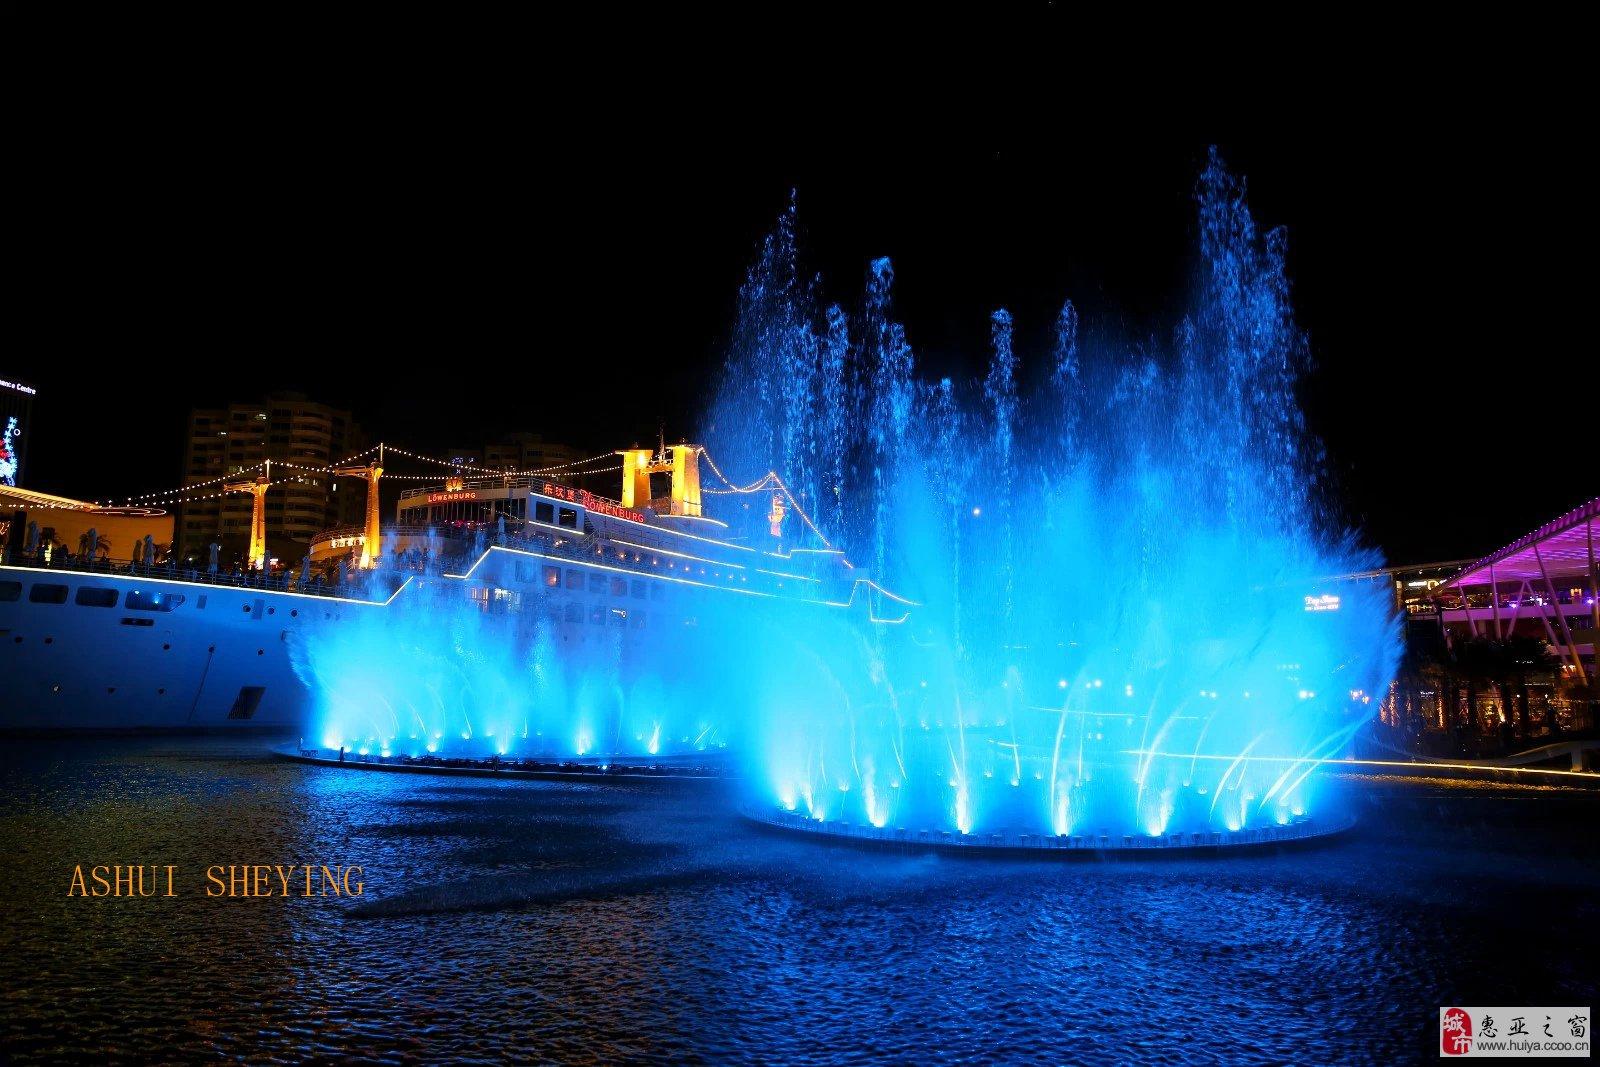 深圳 海上世界 夜景